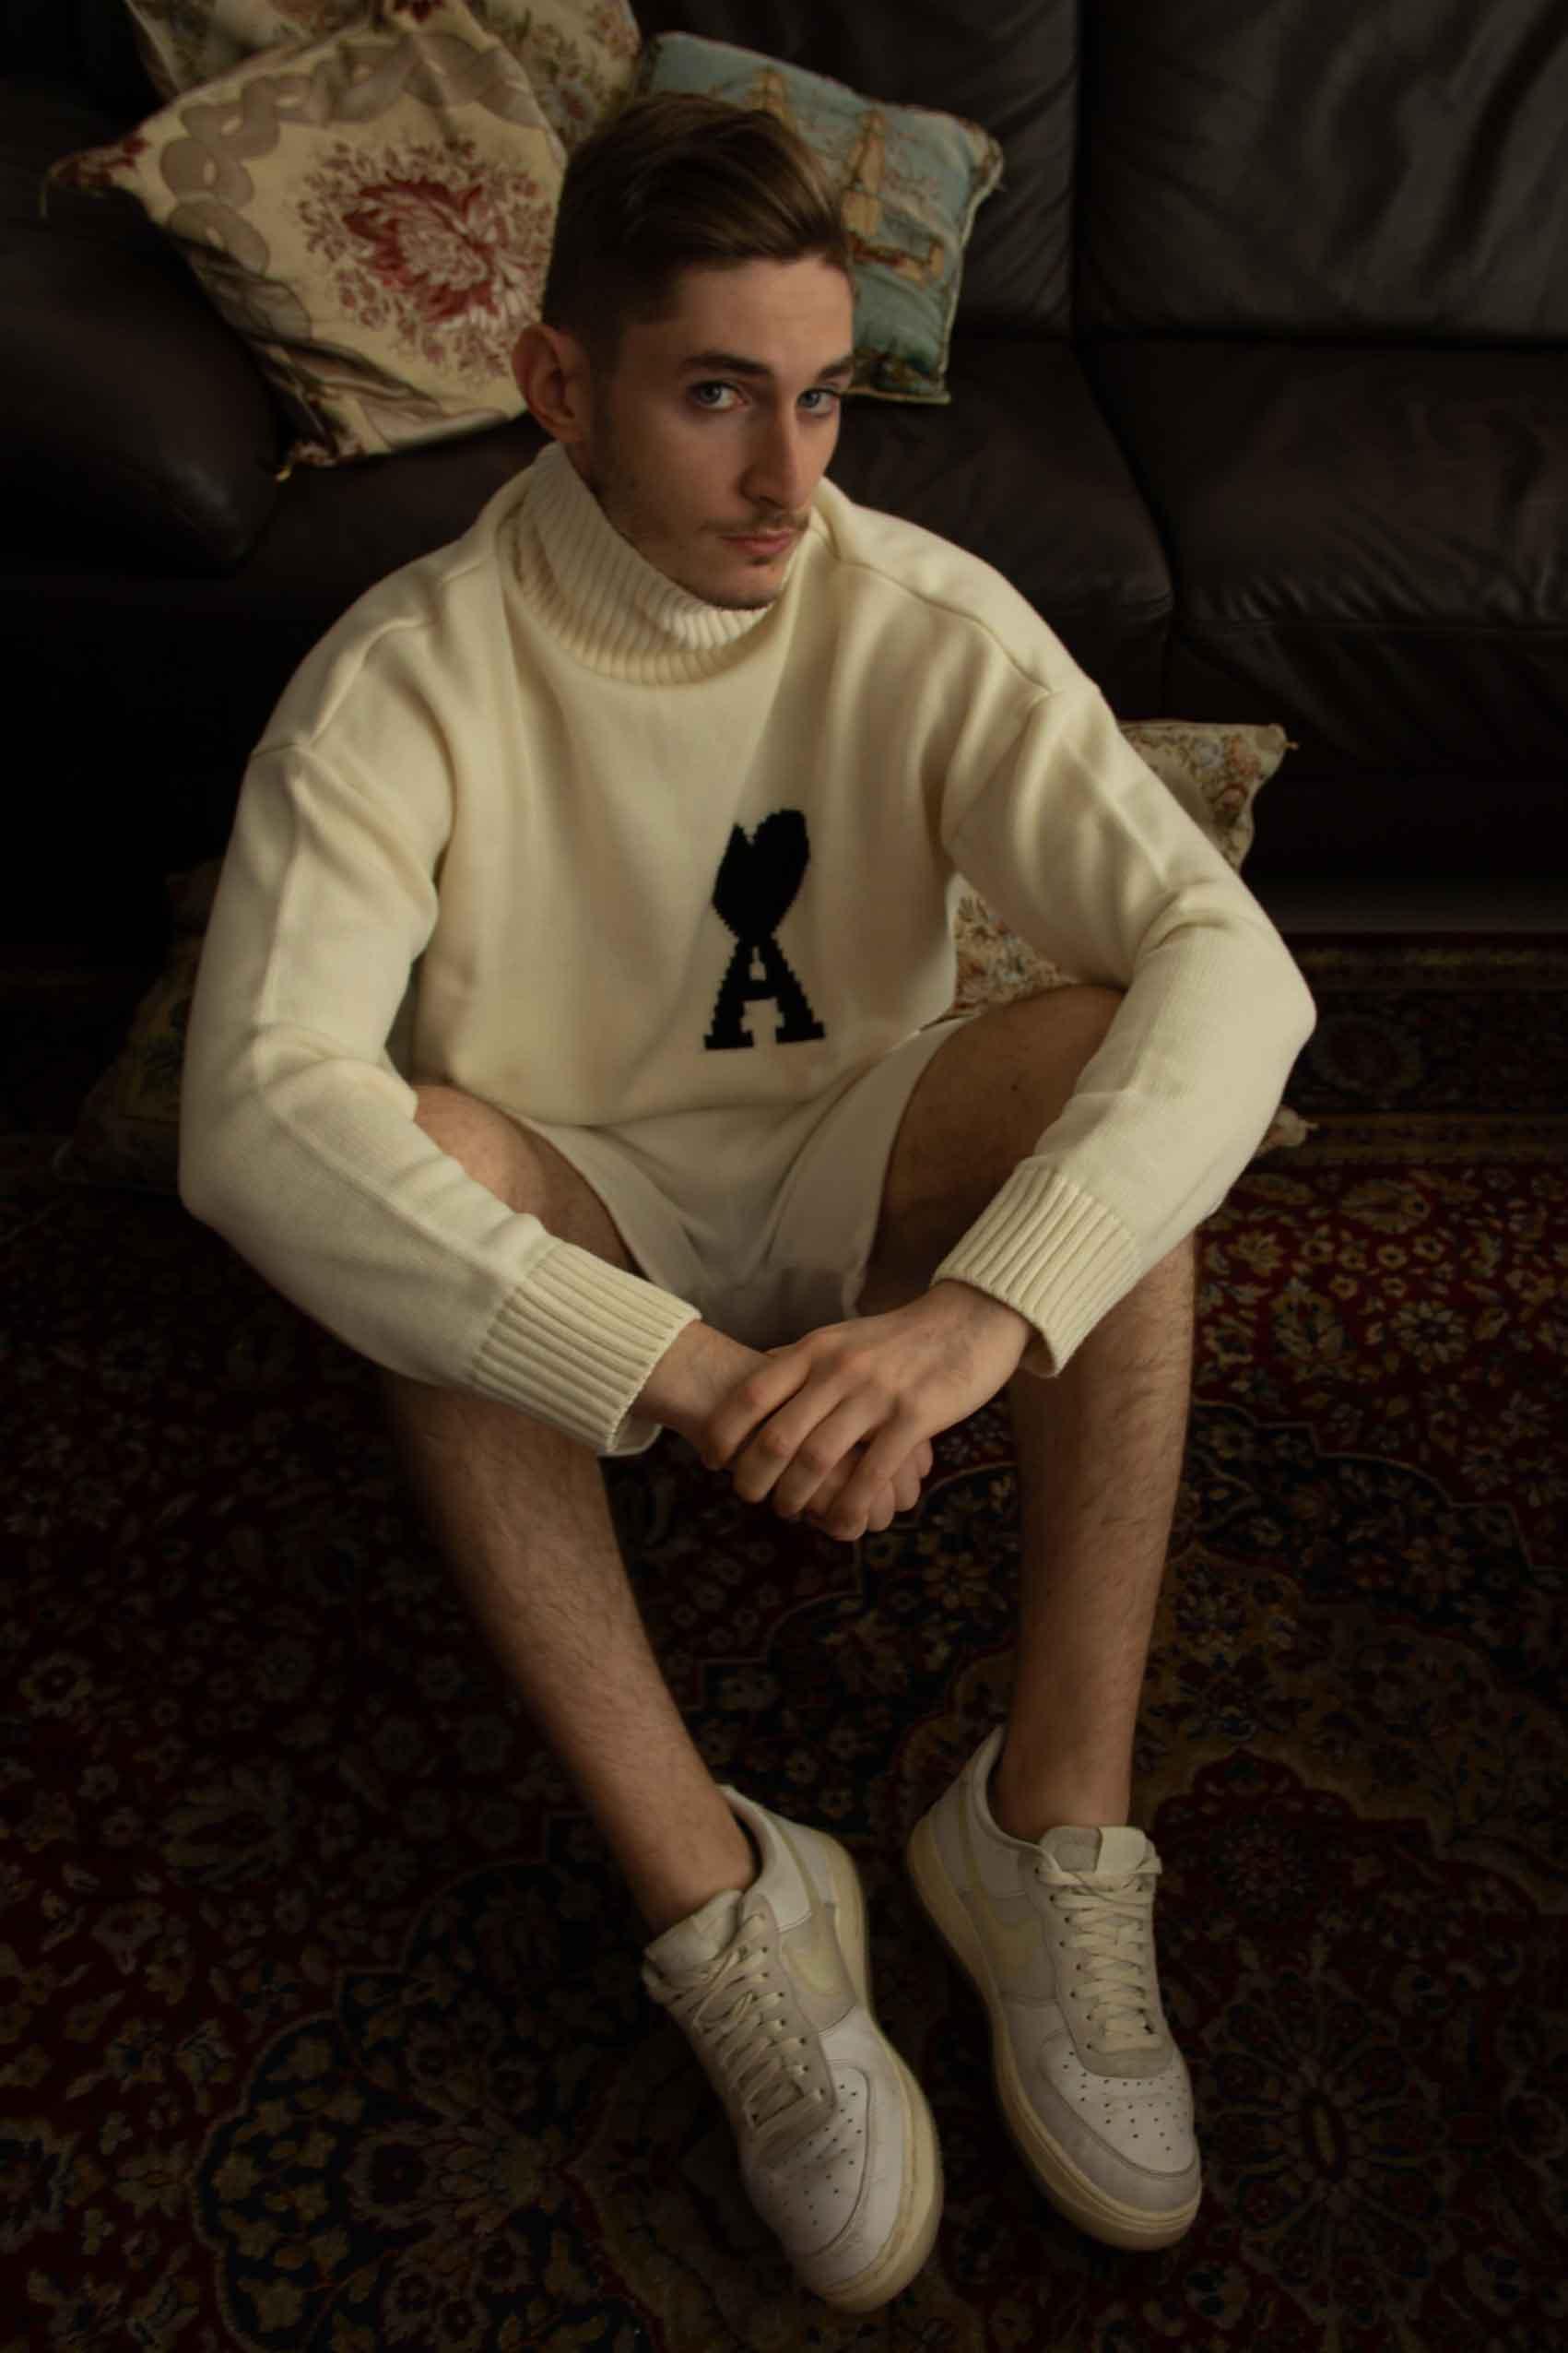 אופנה_קורונה_מגזין_אופנת_גברים